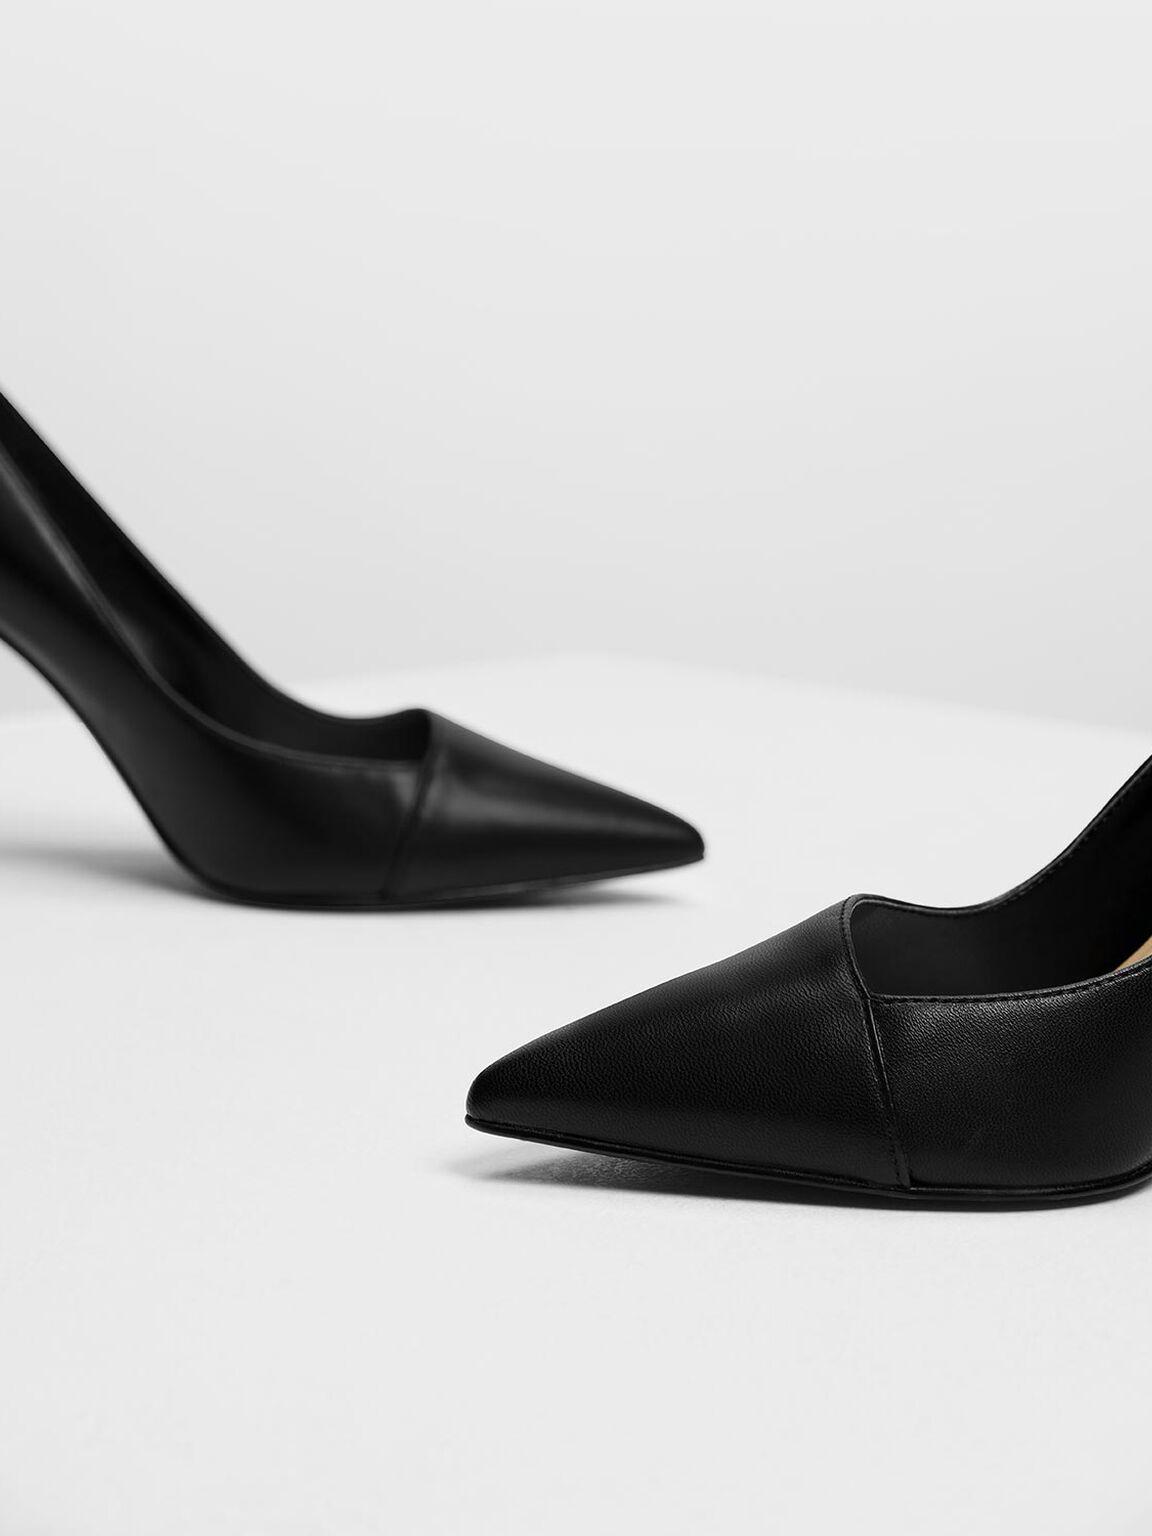 斜剪裁高跟鞋, 黑色, hi-res